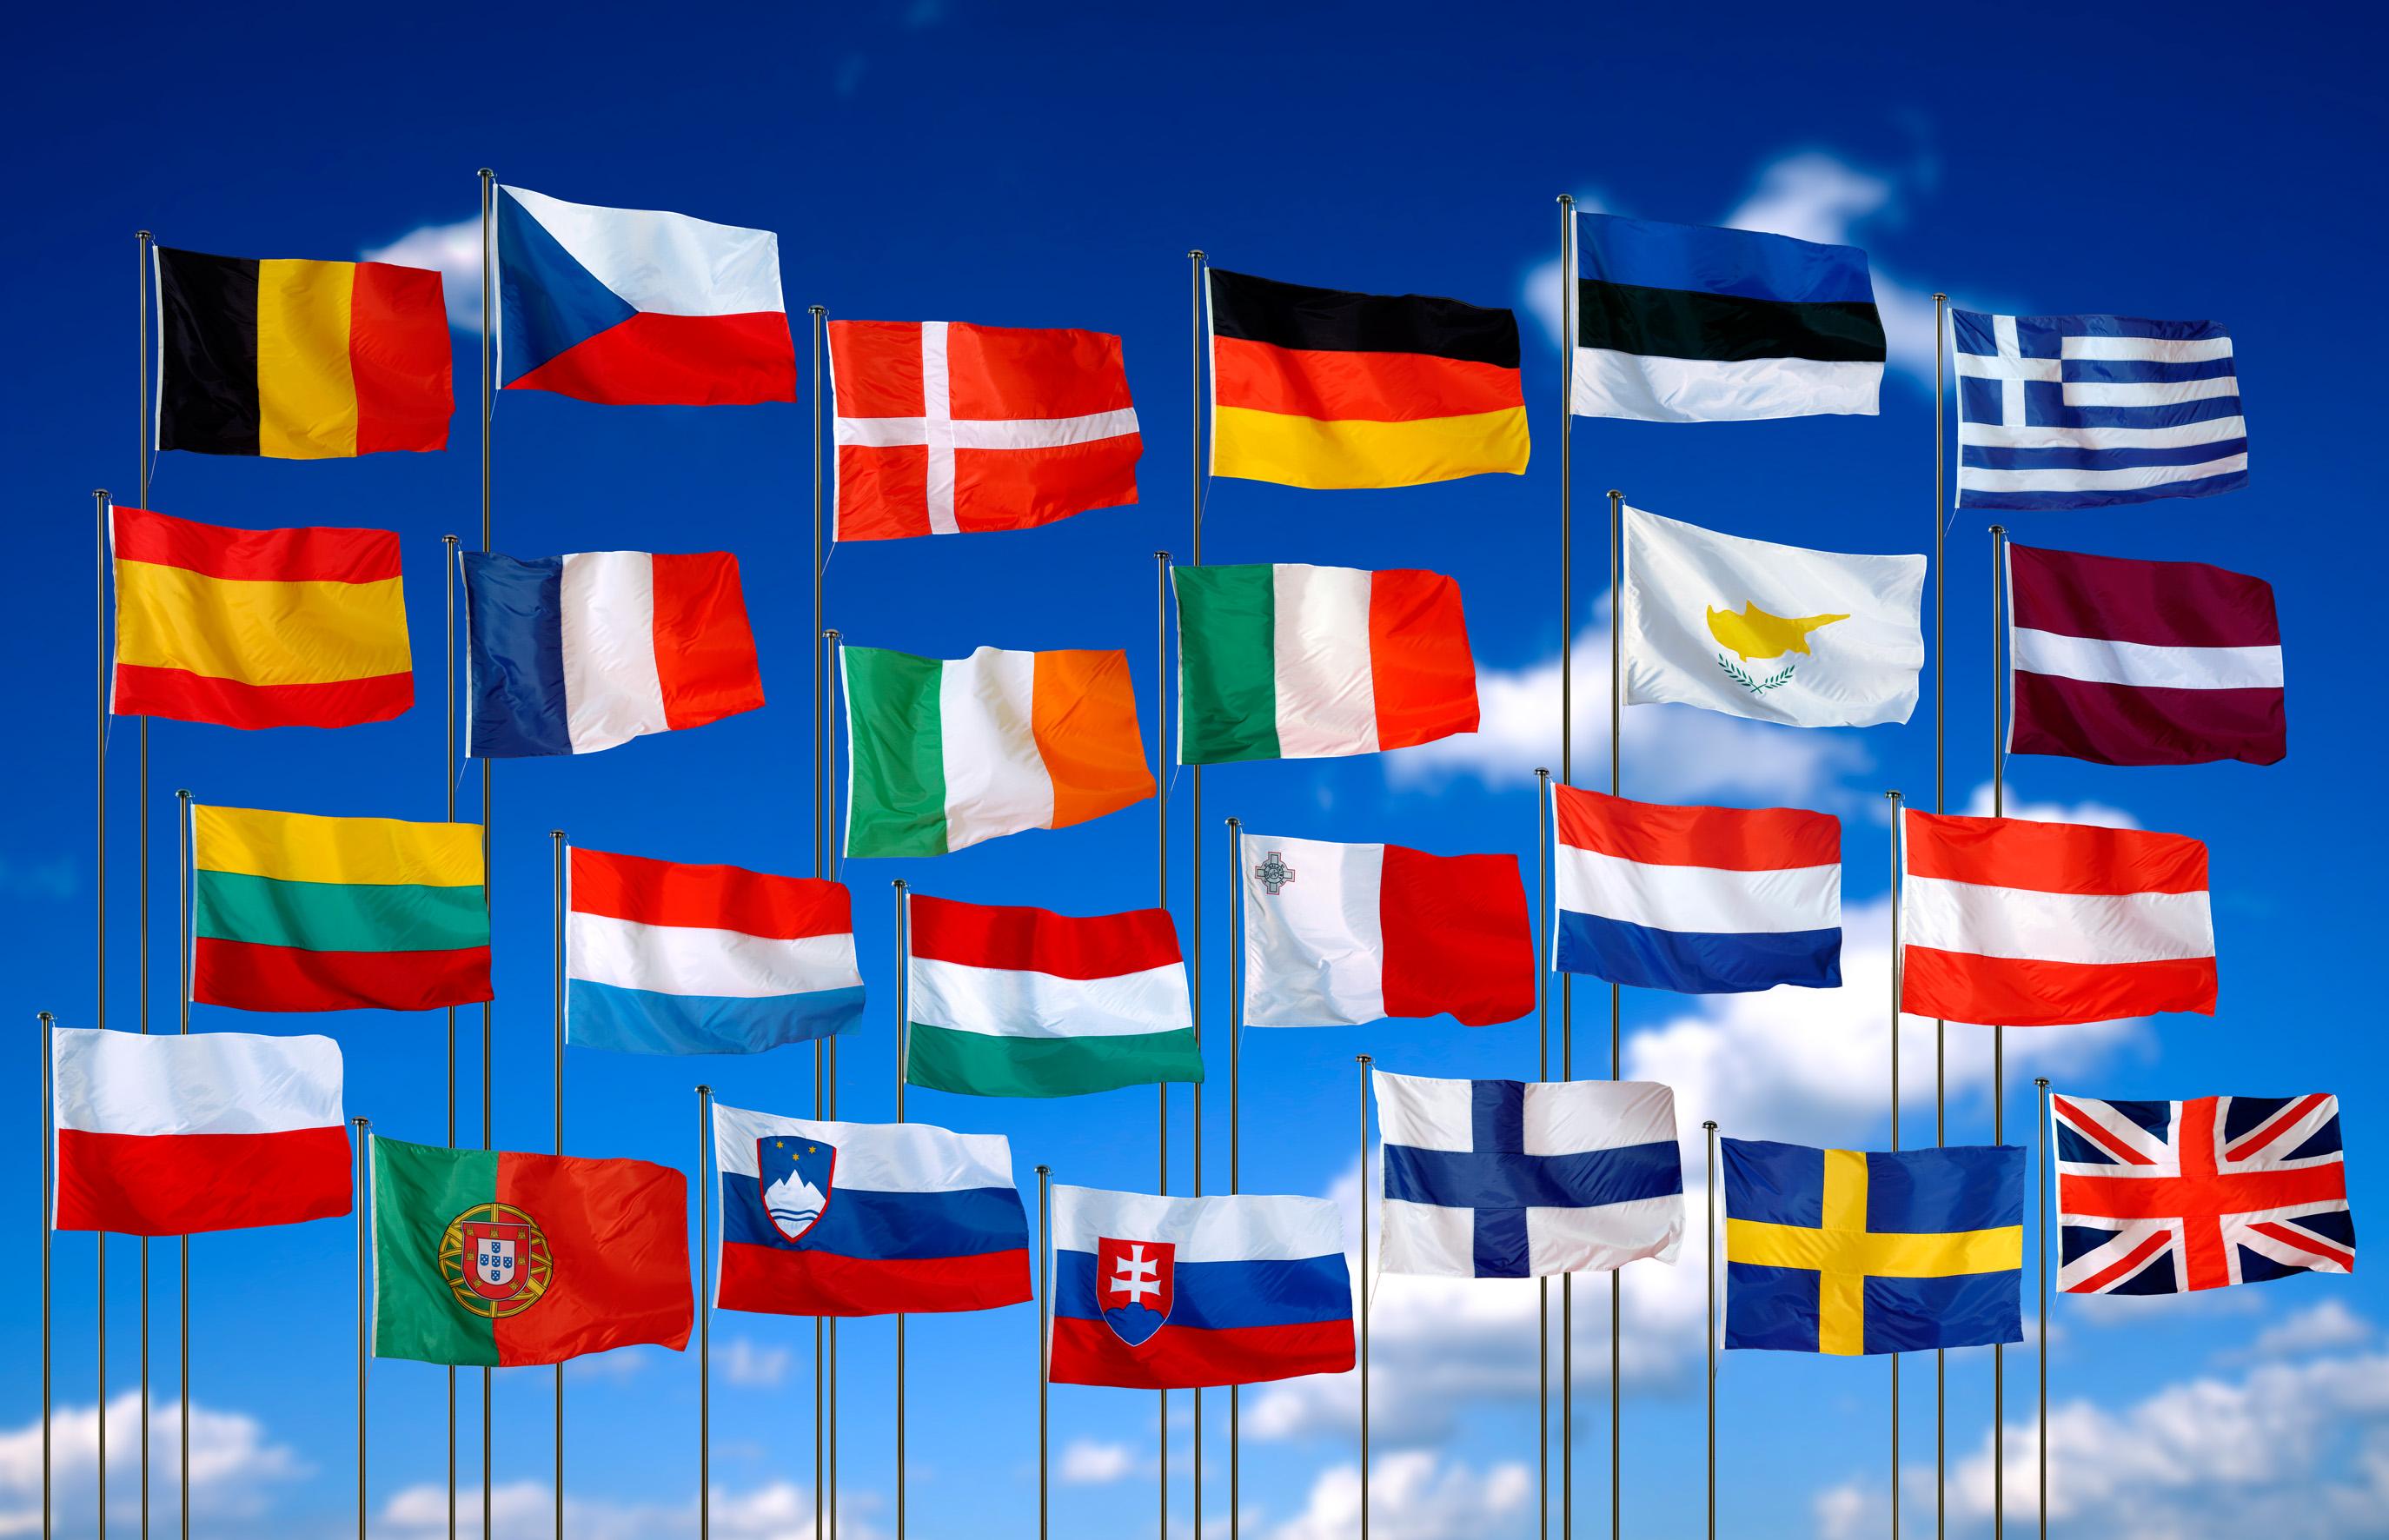 المفوضية الأوروبية تحيل مخالفات بولندا لمحكمة العدل الأوروبية